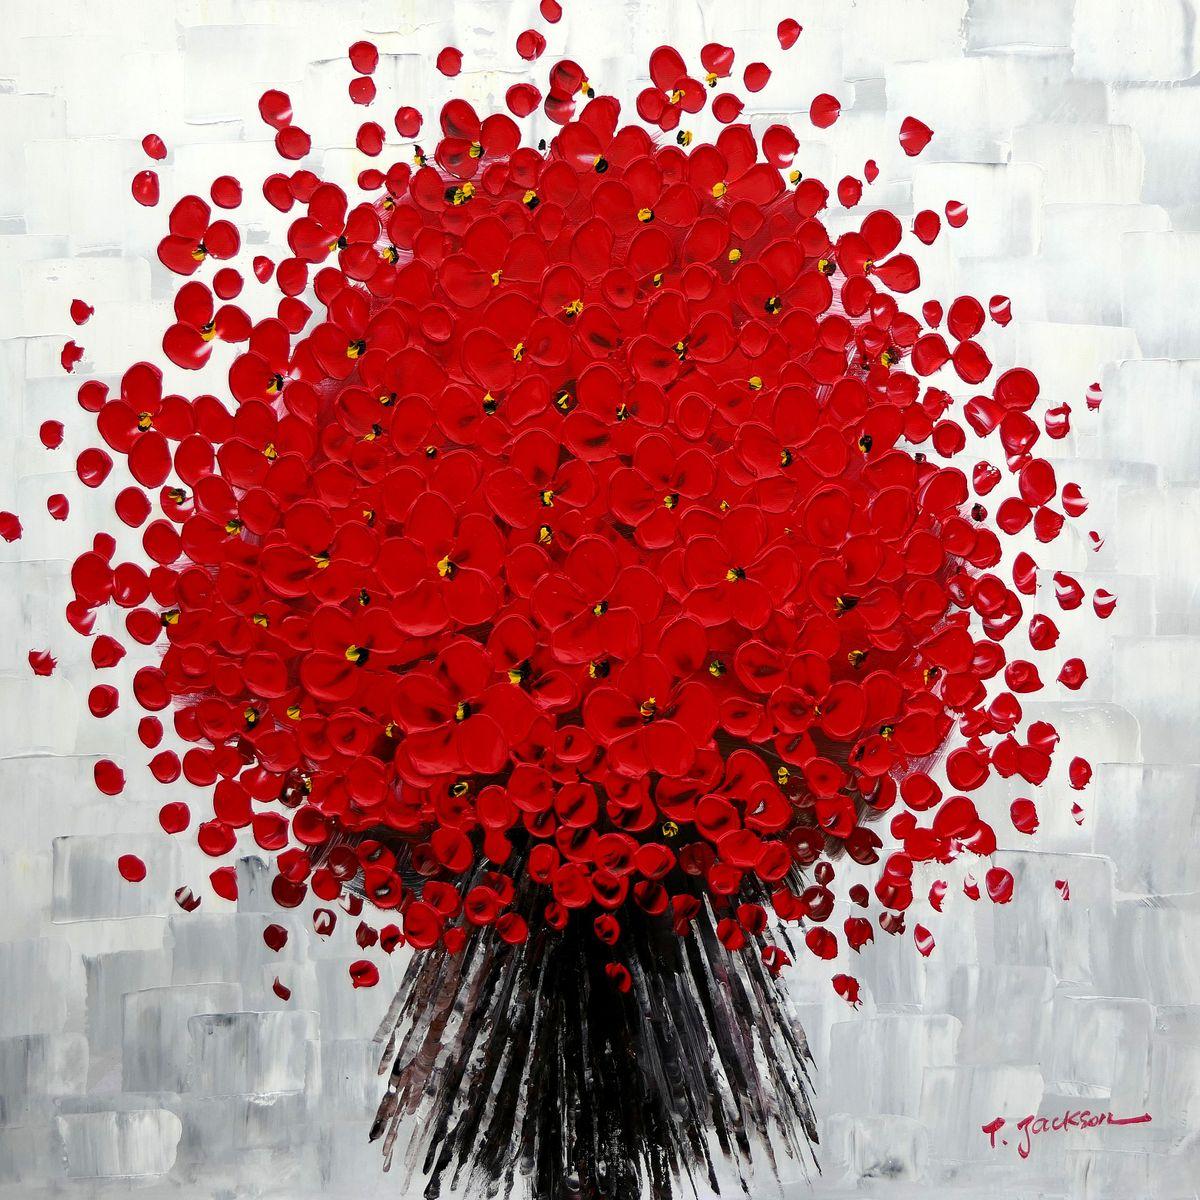 Modern Art - Abstrakte rote Blumen g97435 80x80cm Ölbild handgemalt